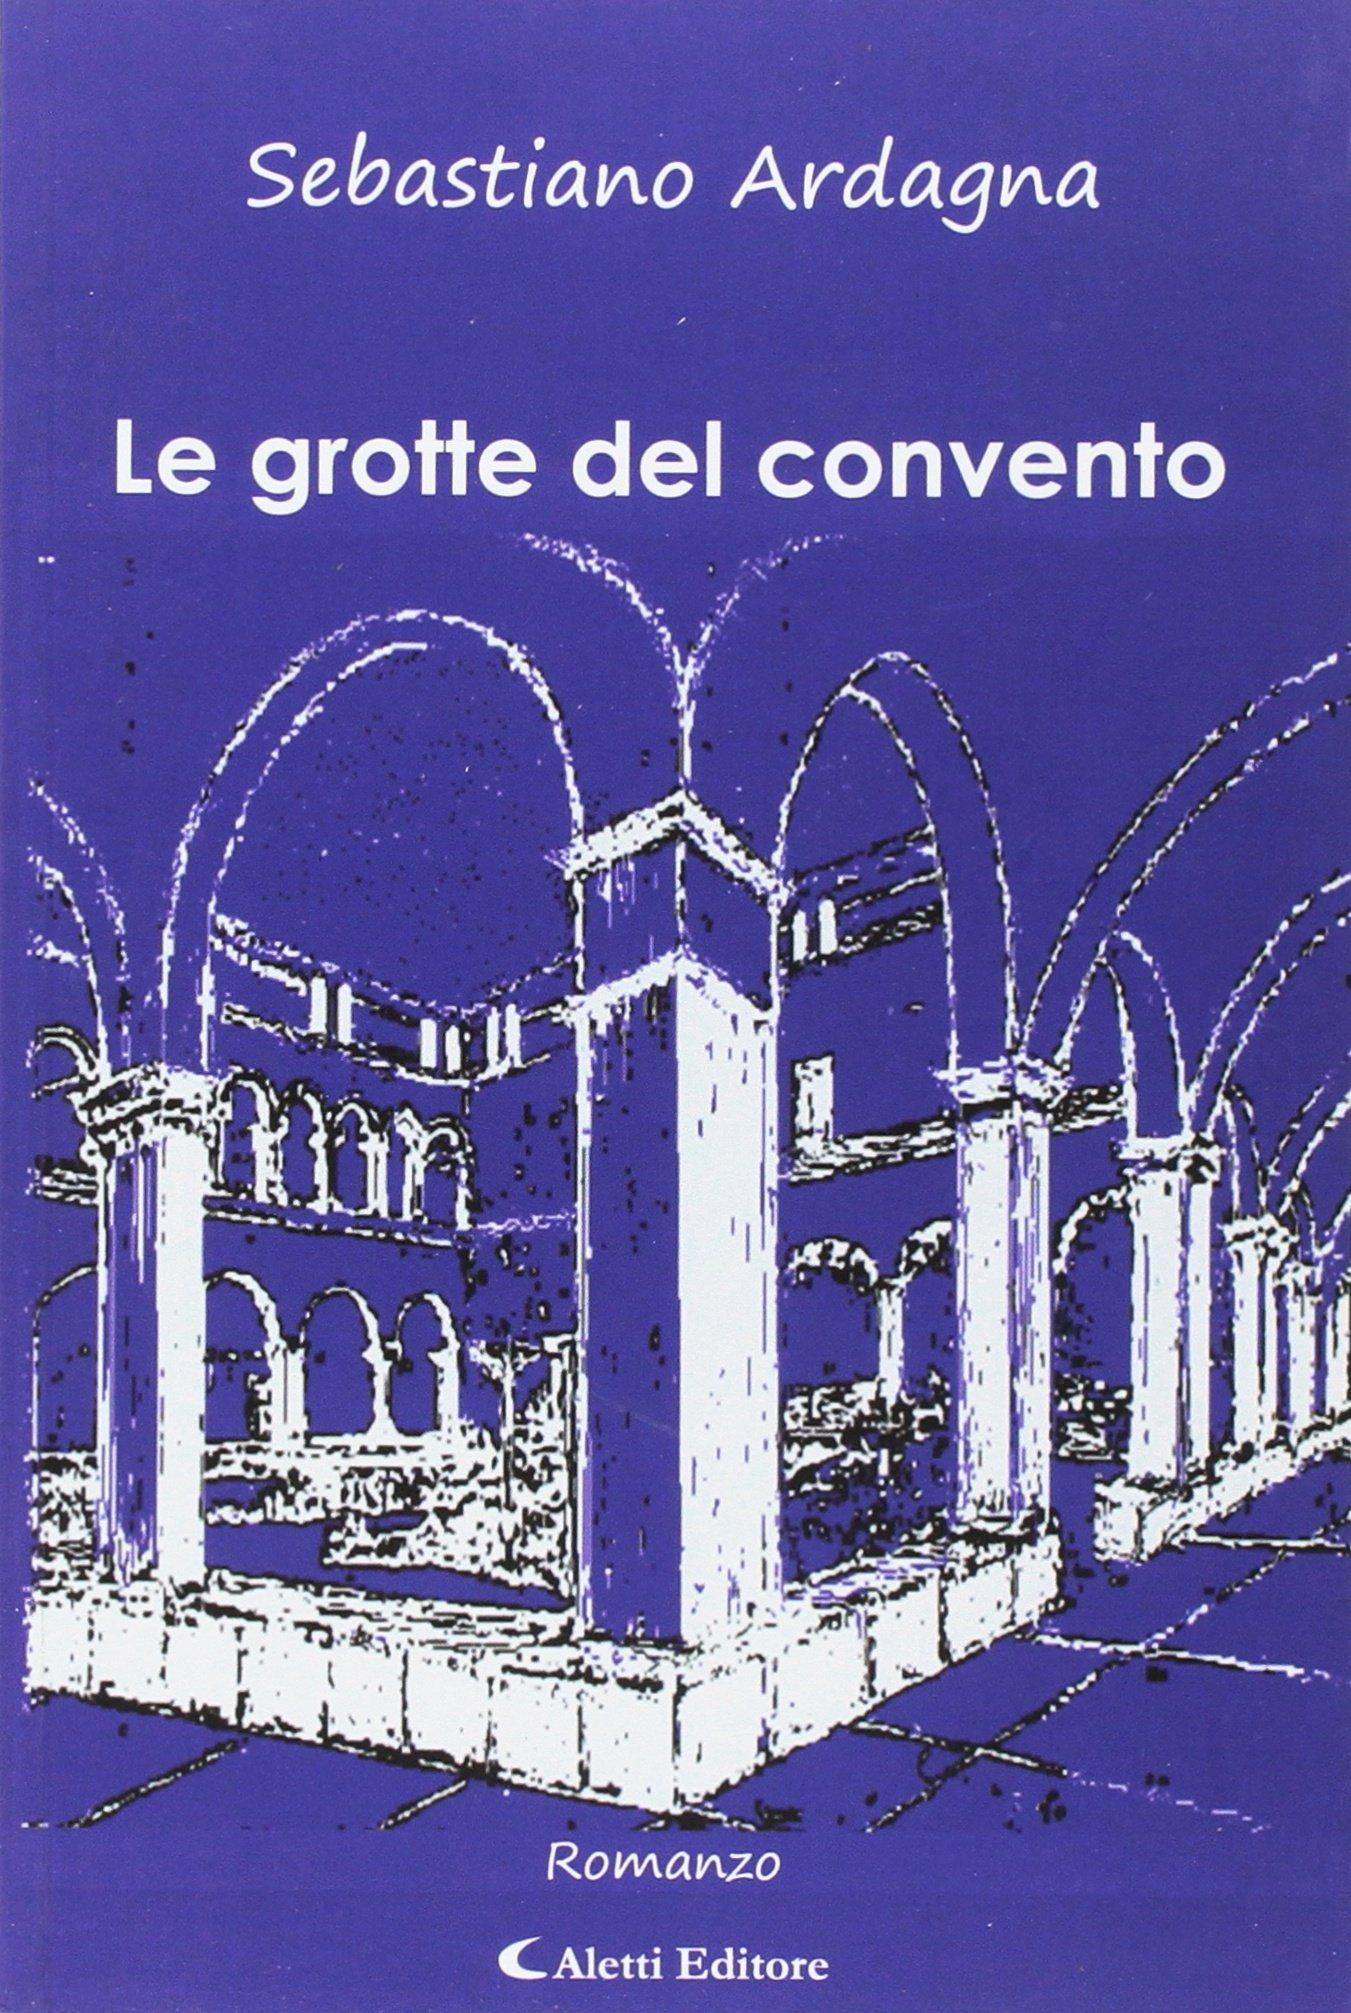 Le grotte del convento.